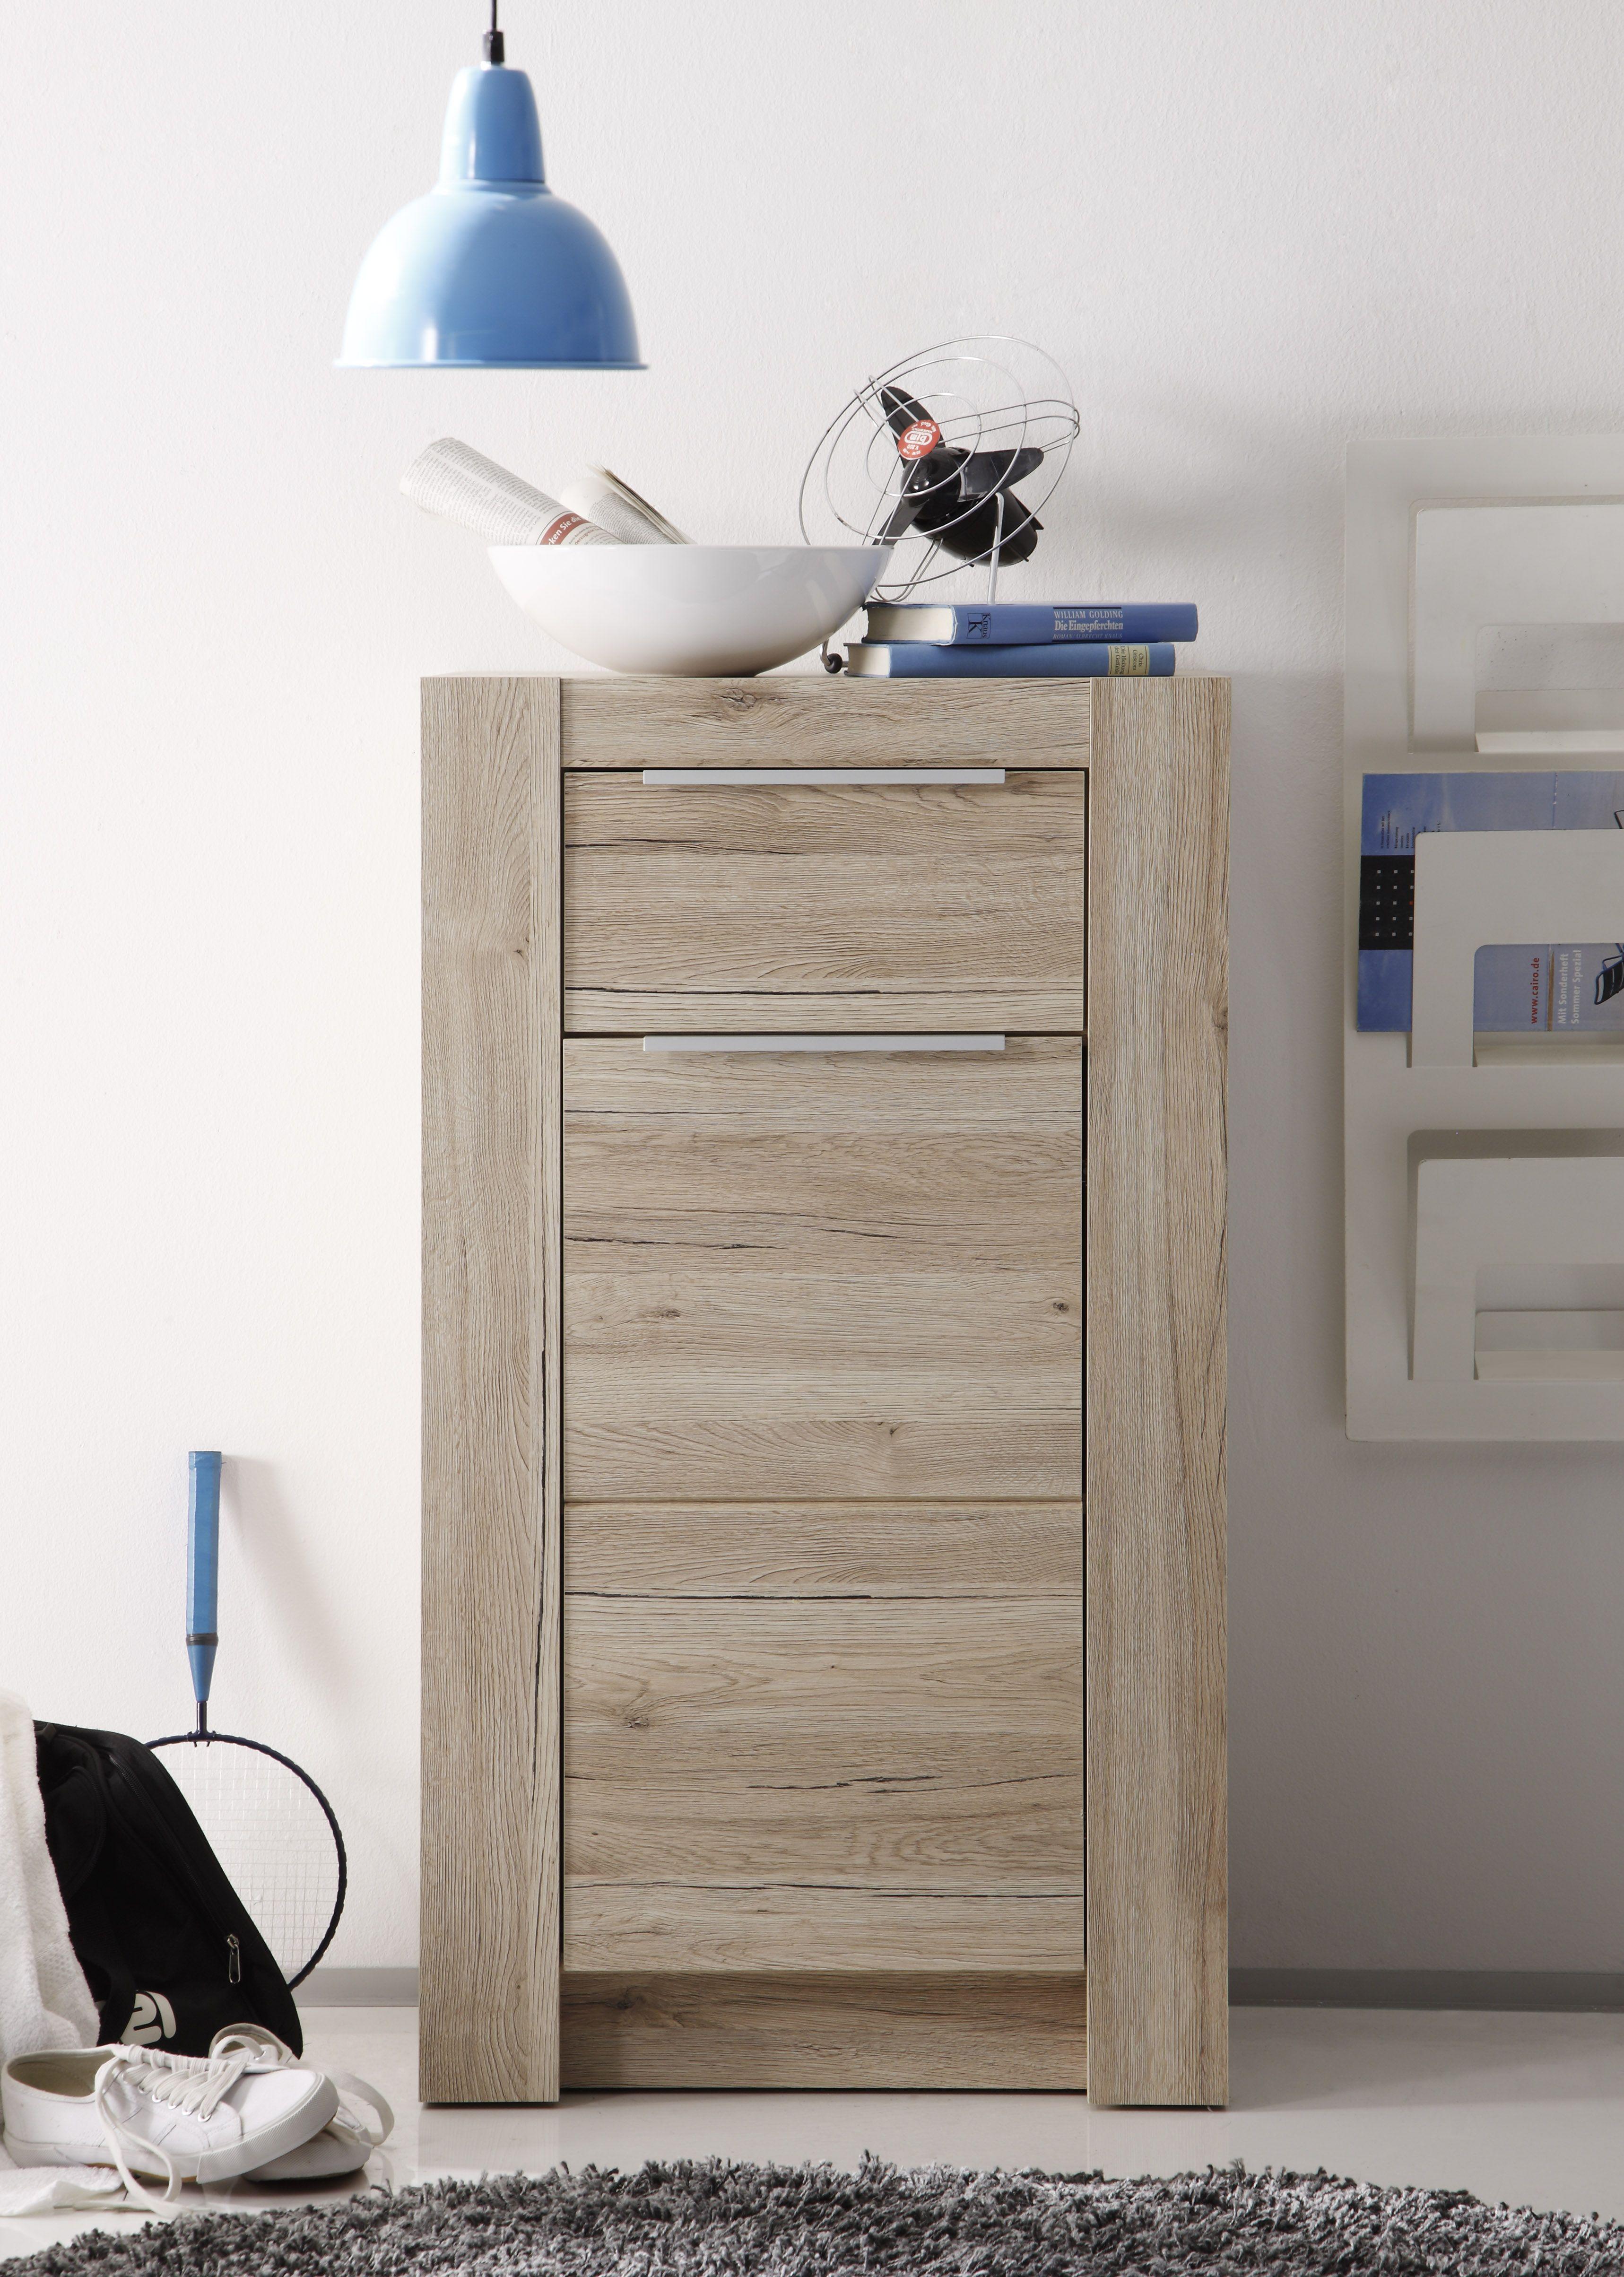 Schmaler Schrank Wohnzimmer With Images Dresser In Living Room